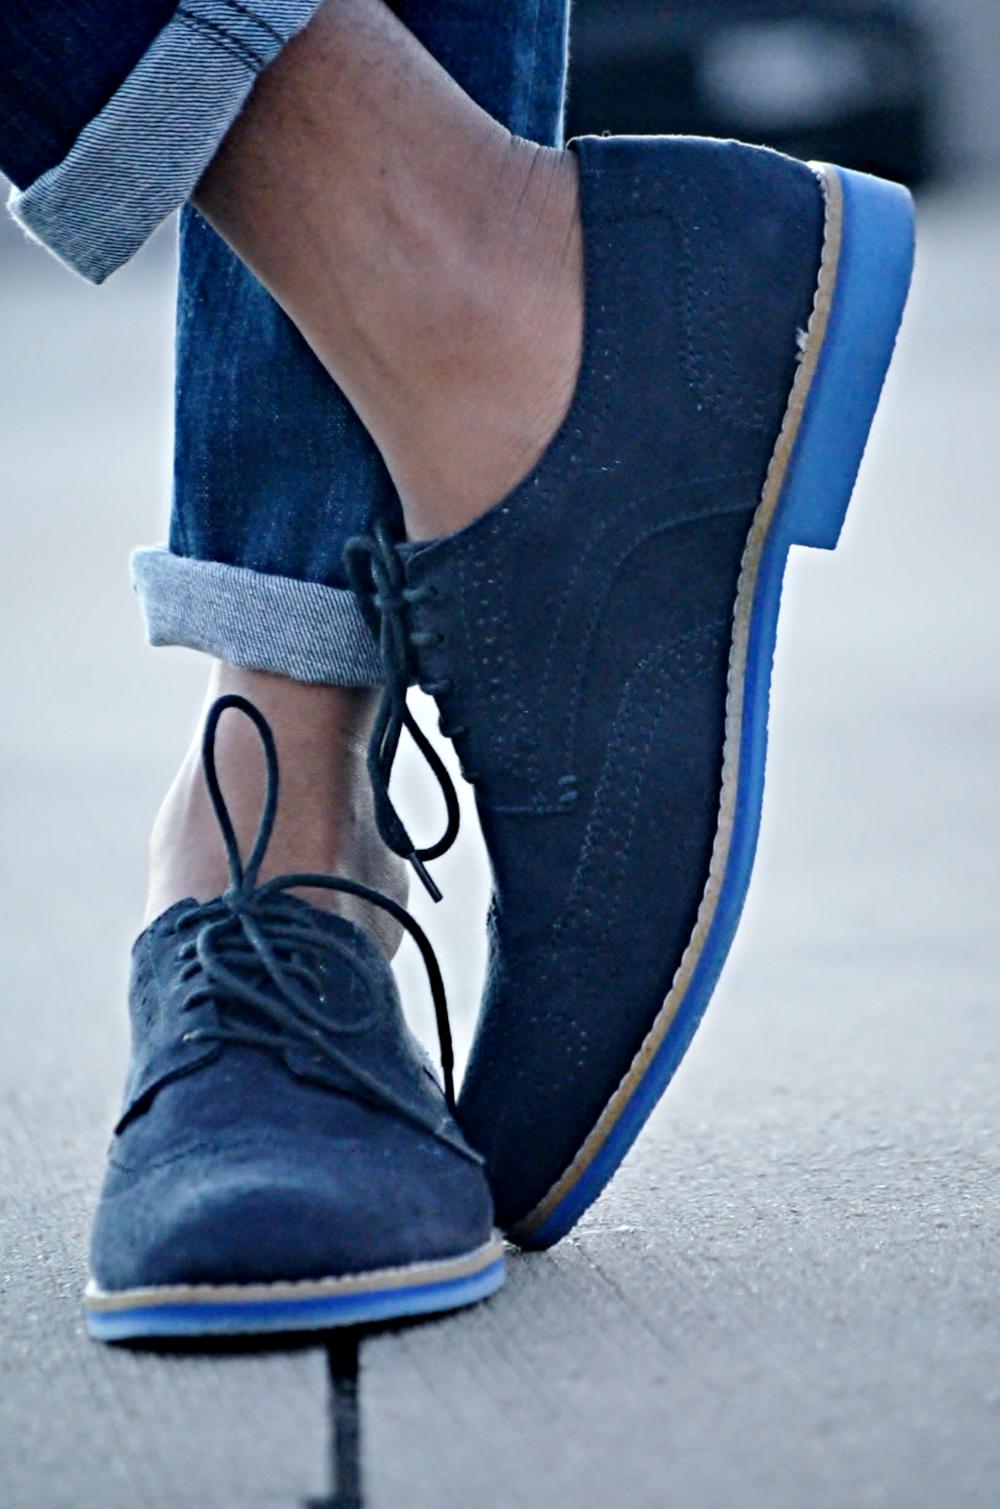 Shoes: H&M